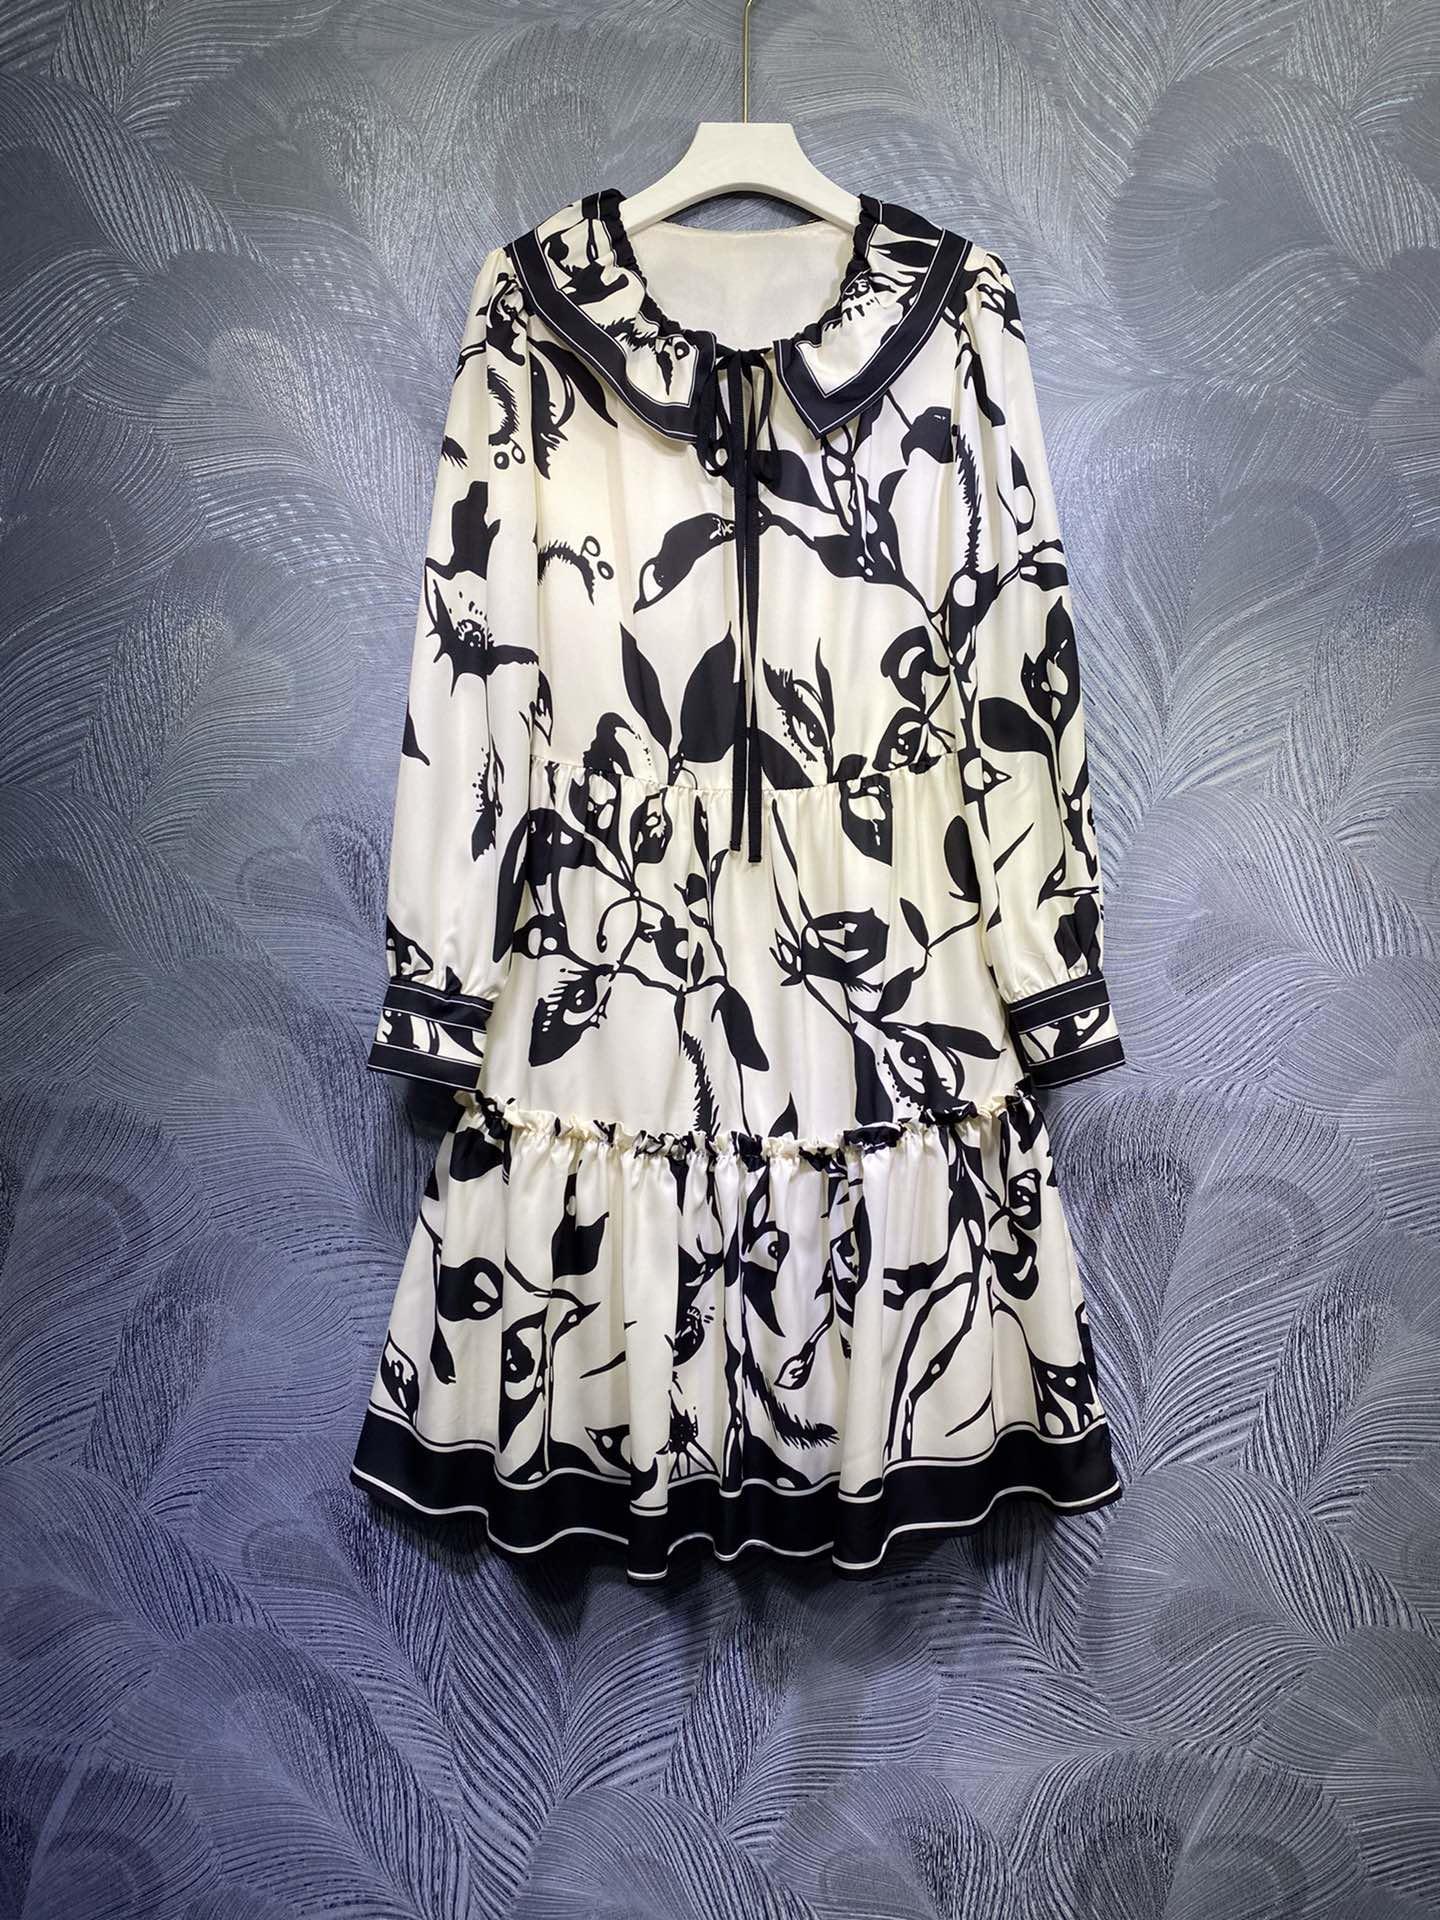 Австралийская мода новый женский весенний и летний отворотный лук с длинным рукавом ретро печать юбка платье юбка